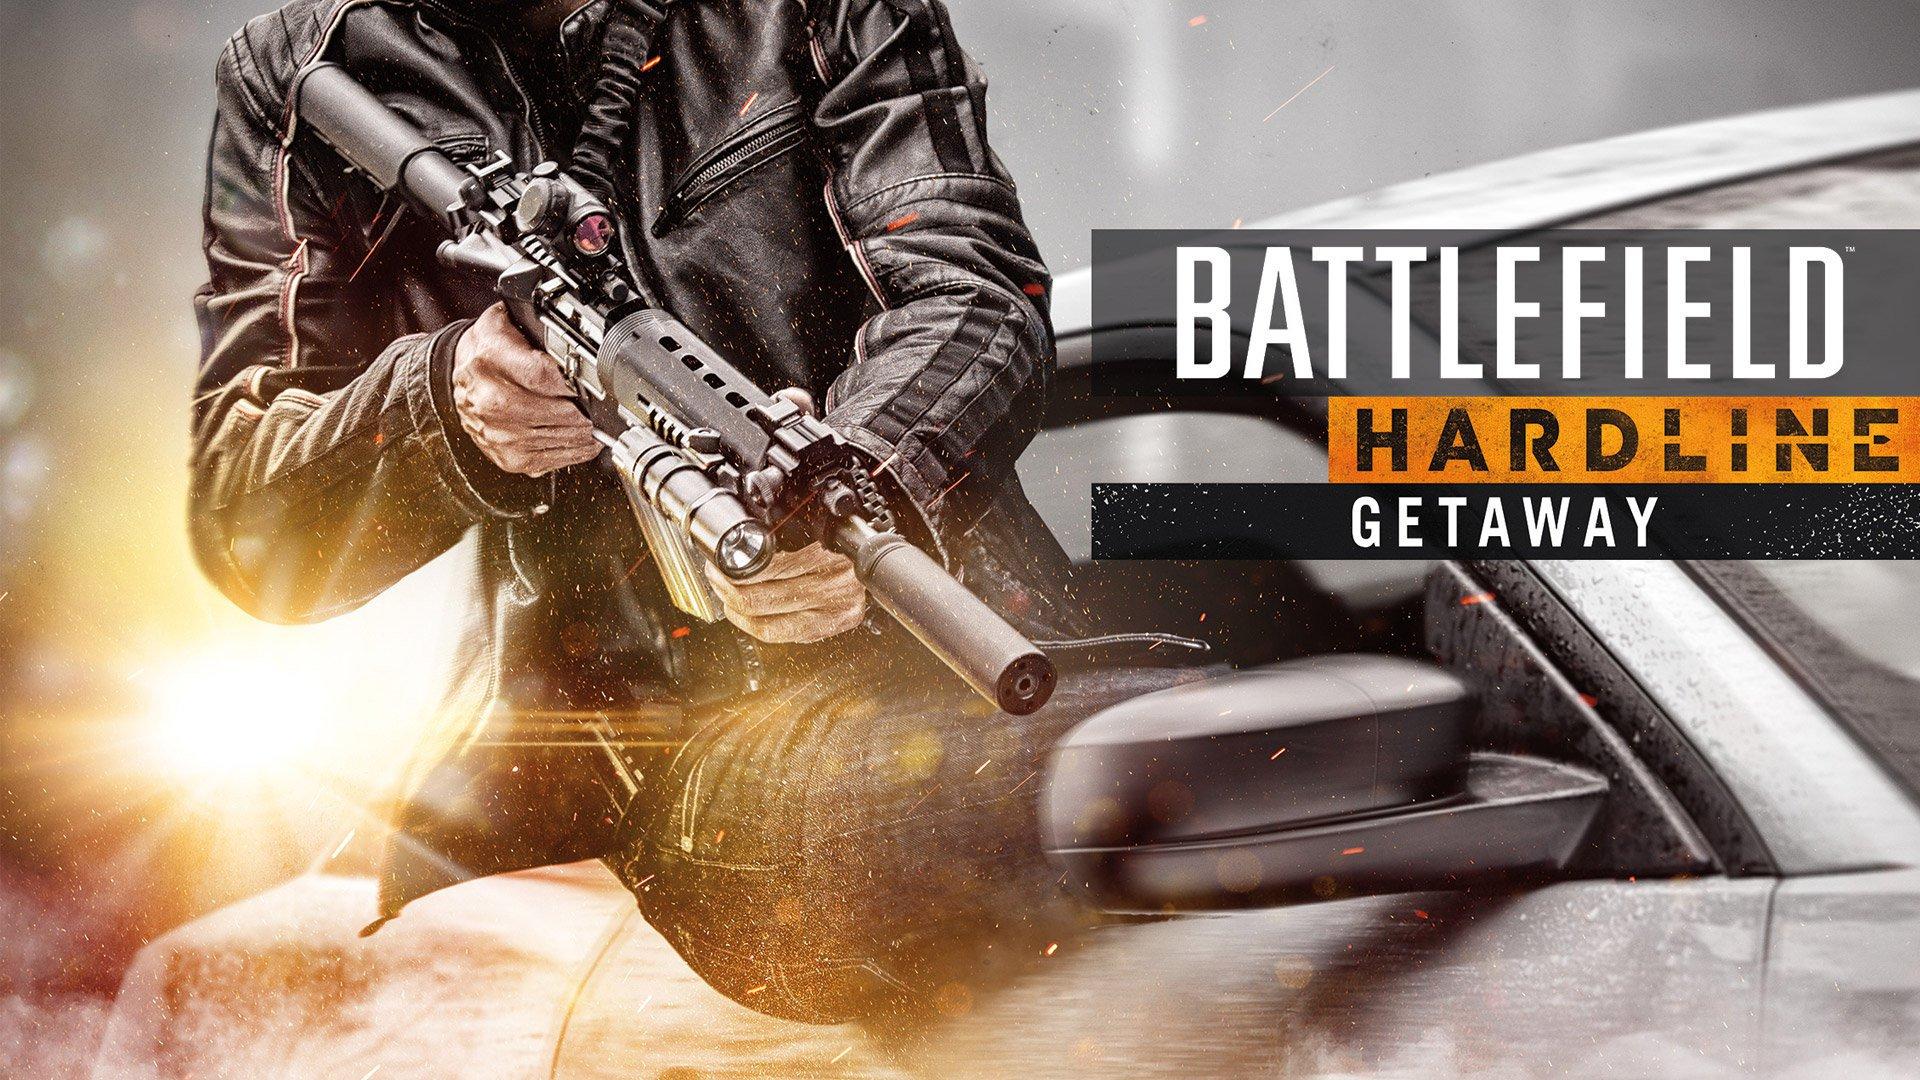 BattlefieldHardlineGetawayDLC